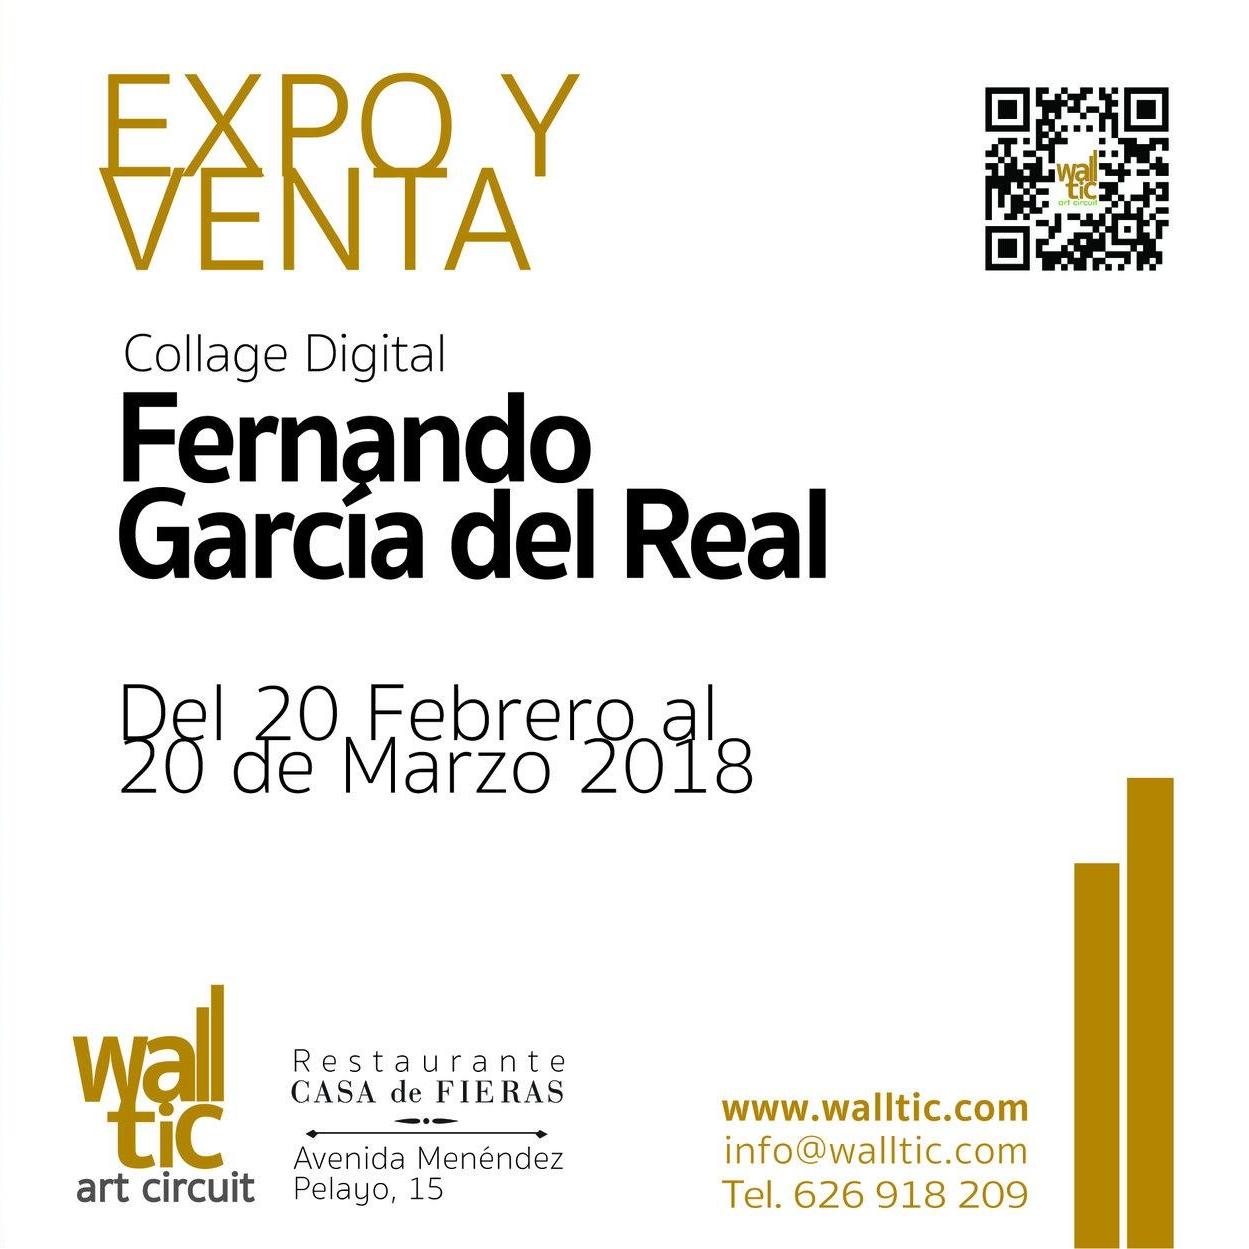 Expo Arte Fernando Garcia del Real